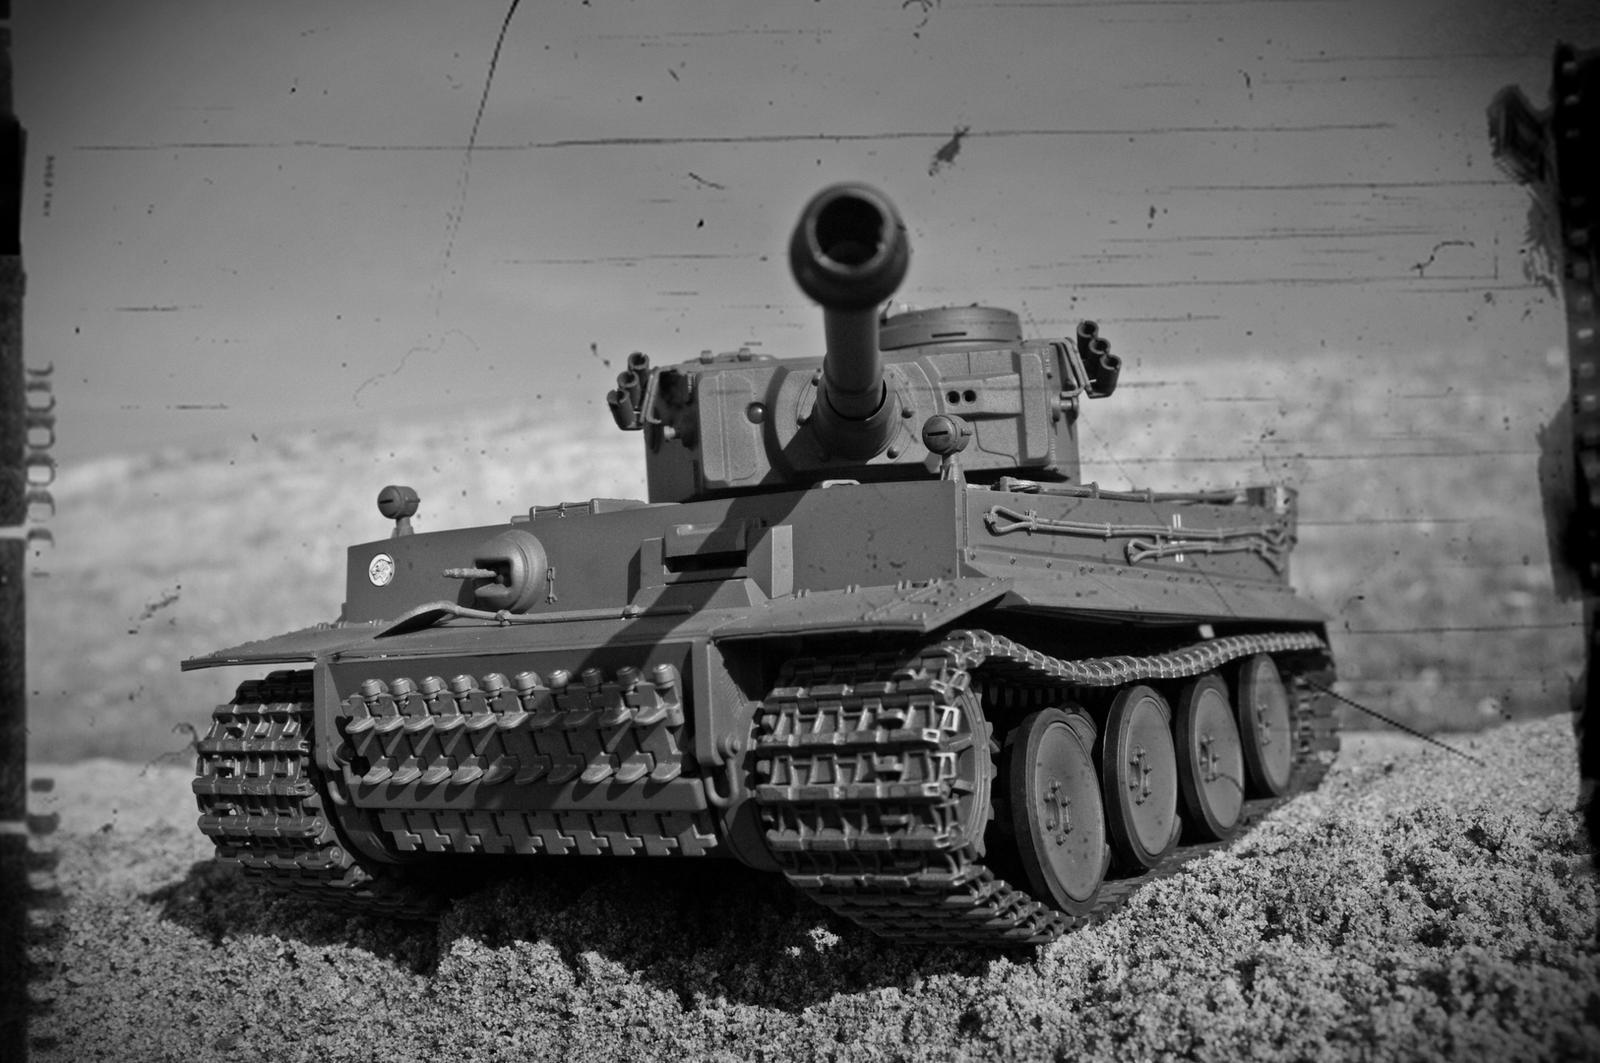 昔っぽい感じがおしゃれな戦車の壁紙